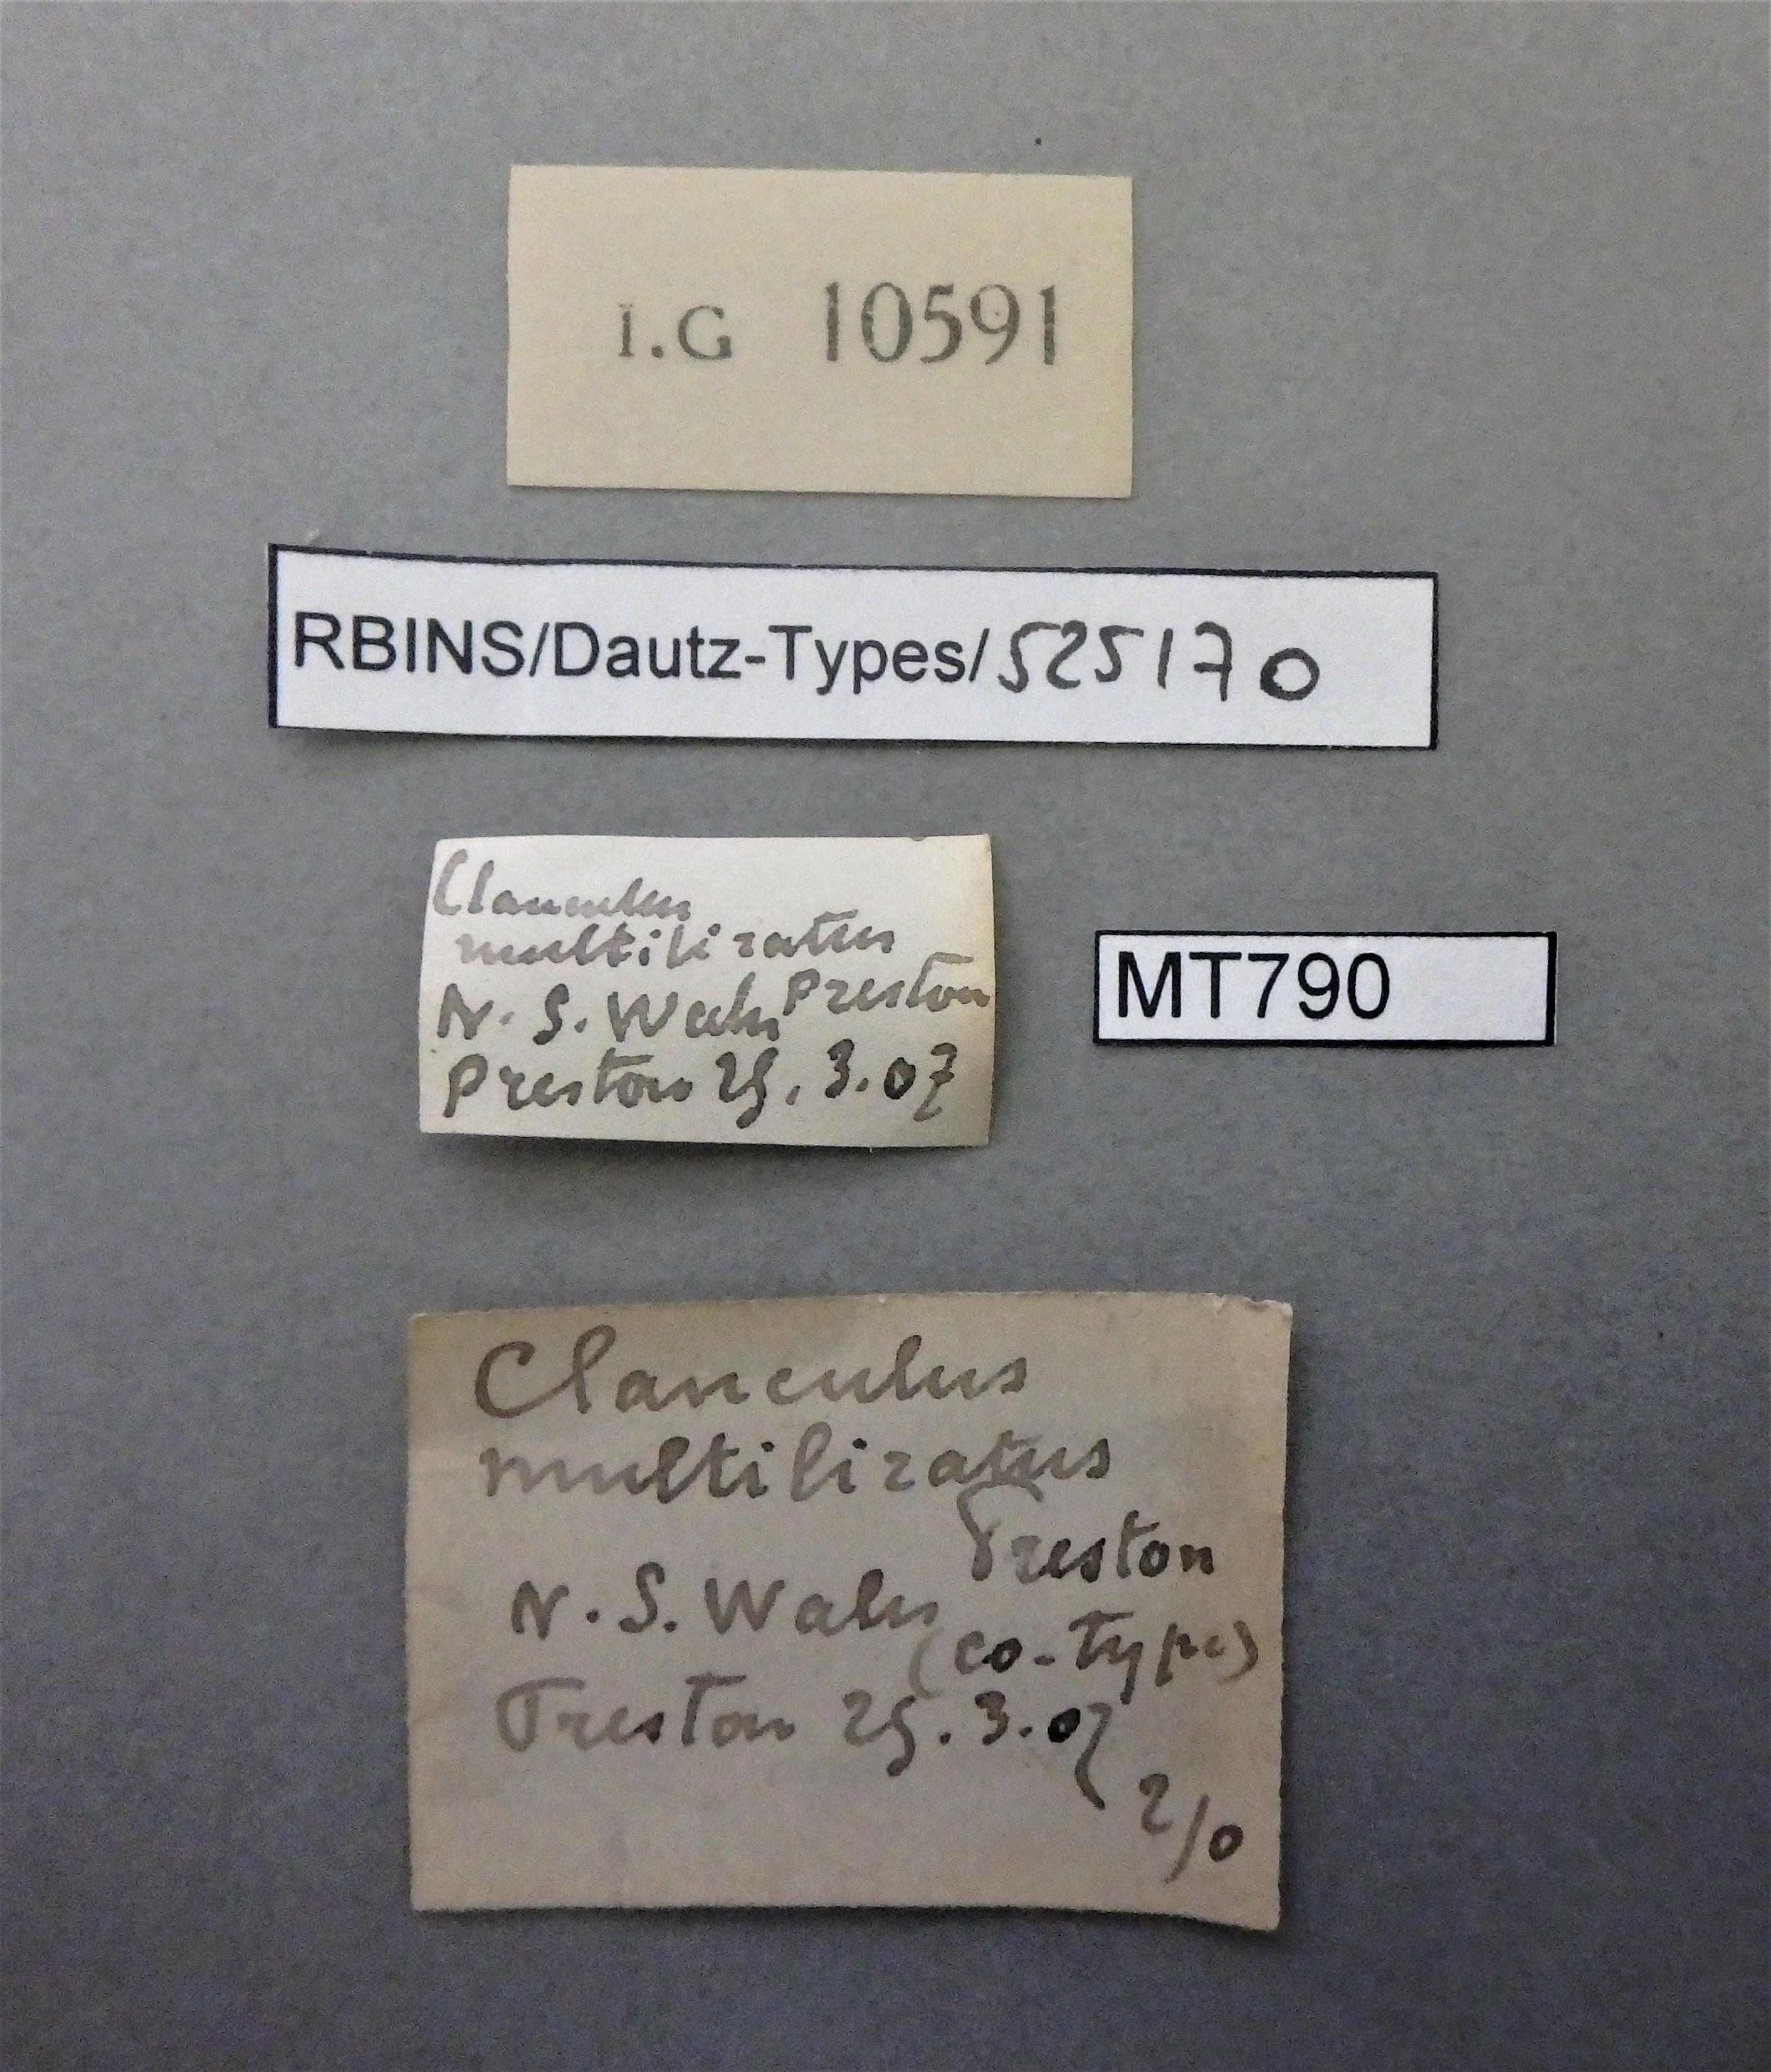 Clanculus multiliratus pt (ct).JPG